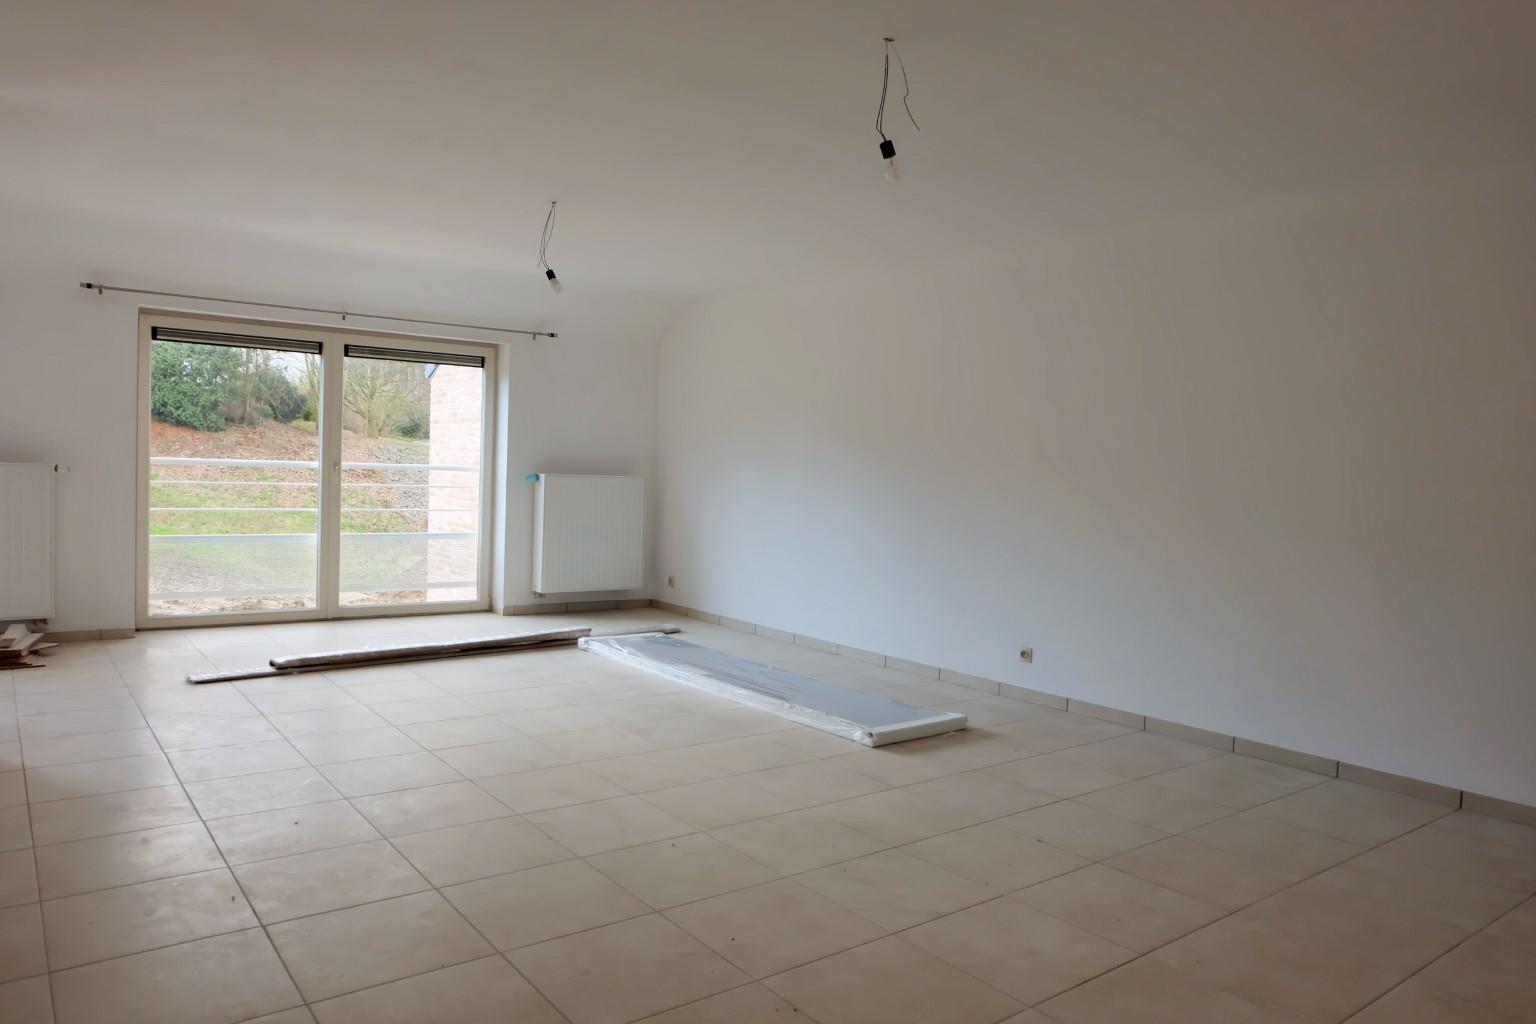 Appartement - Braine-le-Comte Hennuyères - #2181184-2